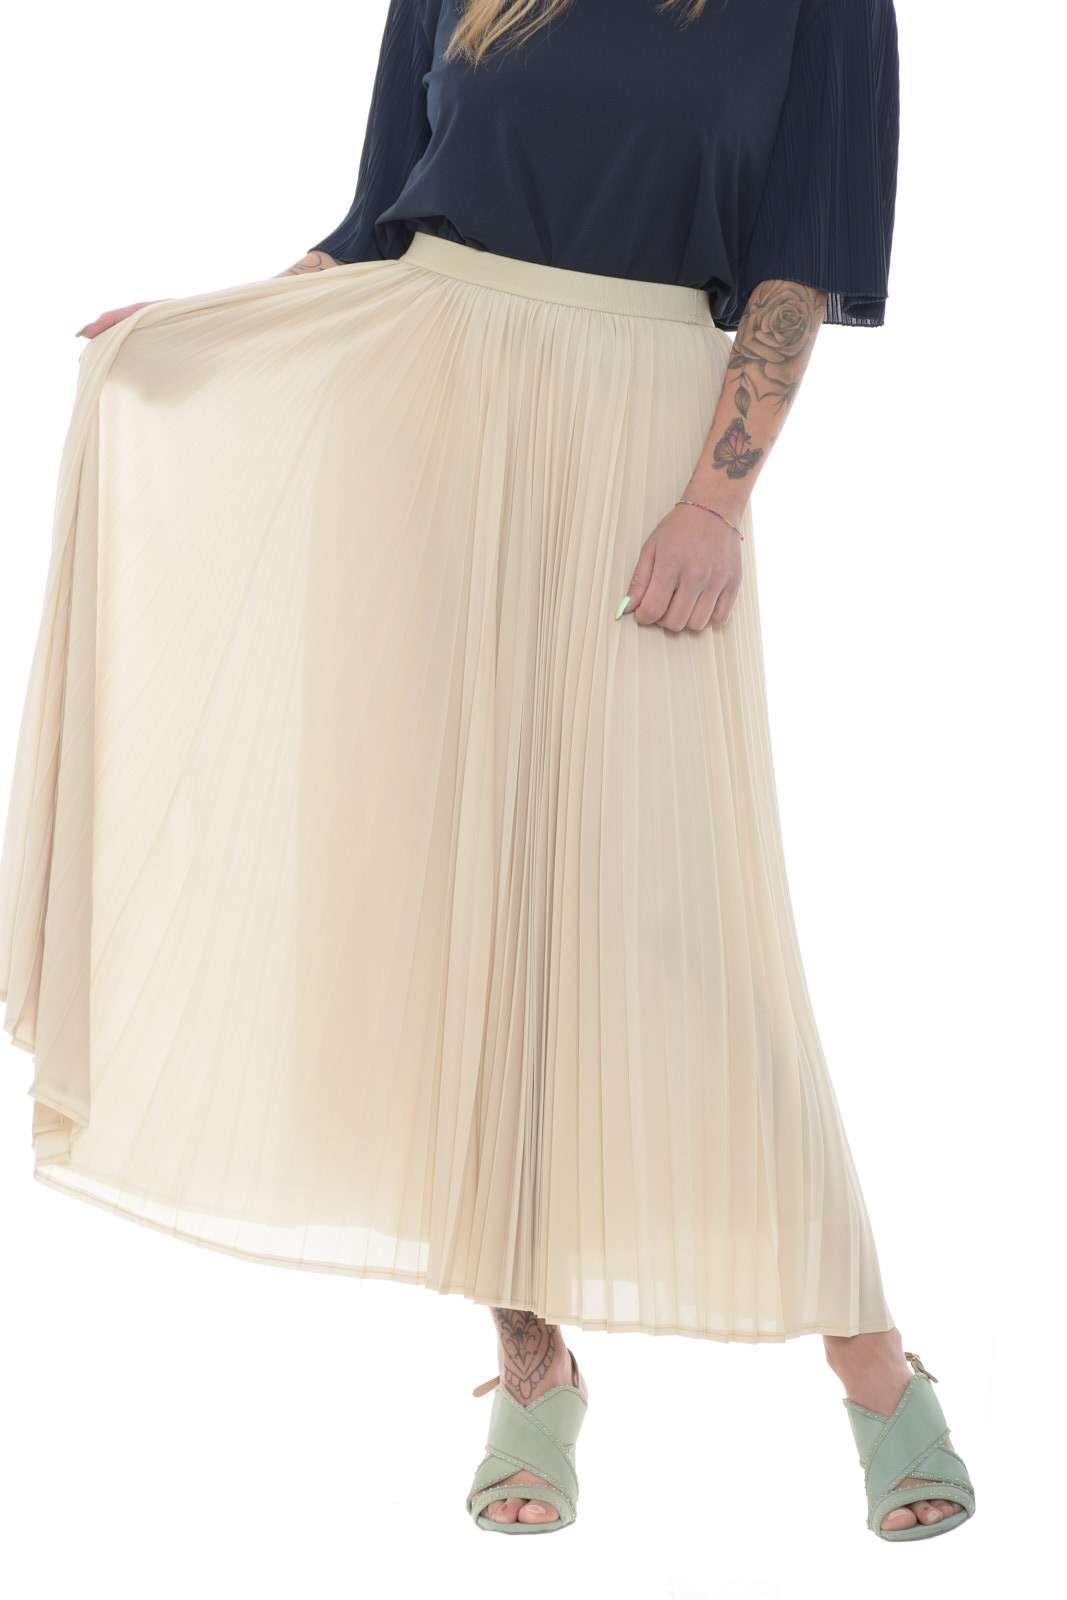 Una gonna femminile ed elegante, il modello GRADO proposto dalla collezione WeekEnd MaxMara. Perfetta per outfit davvero unici, dove sorprenderai con stile e classe. Da abbinare a tacchi alti o stivali, per slanciare la silhouette, e una maglia o camicia, per completare un total look davvero esclusivo.